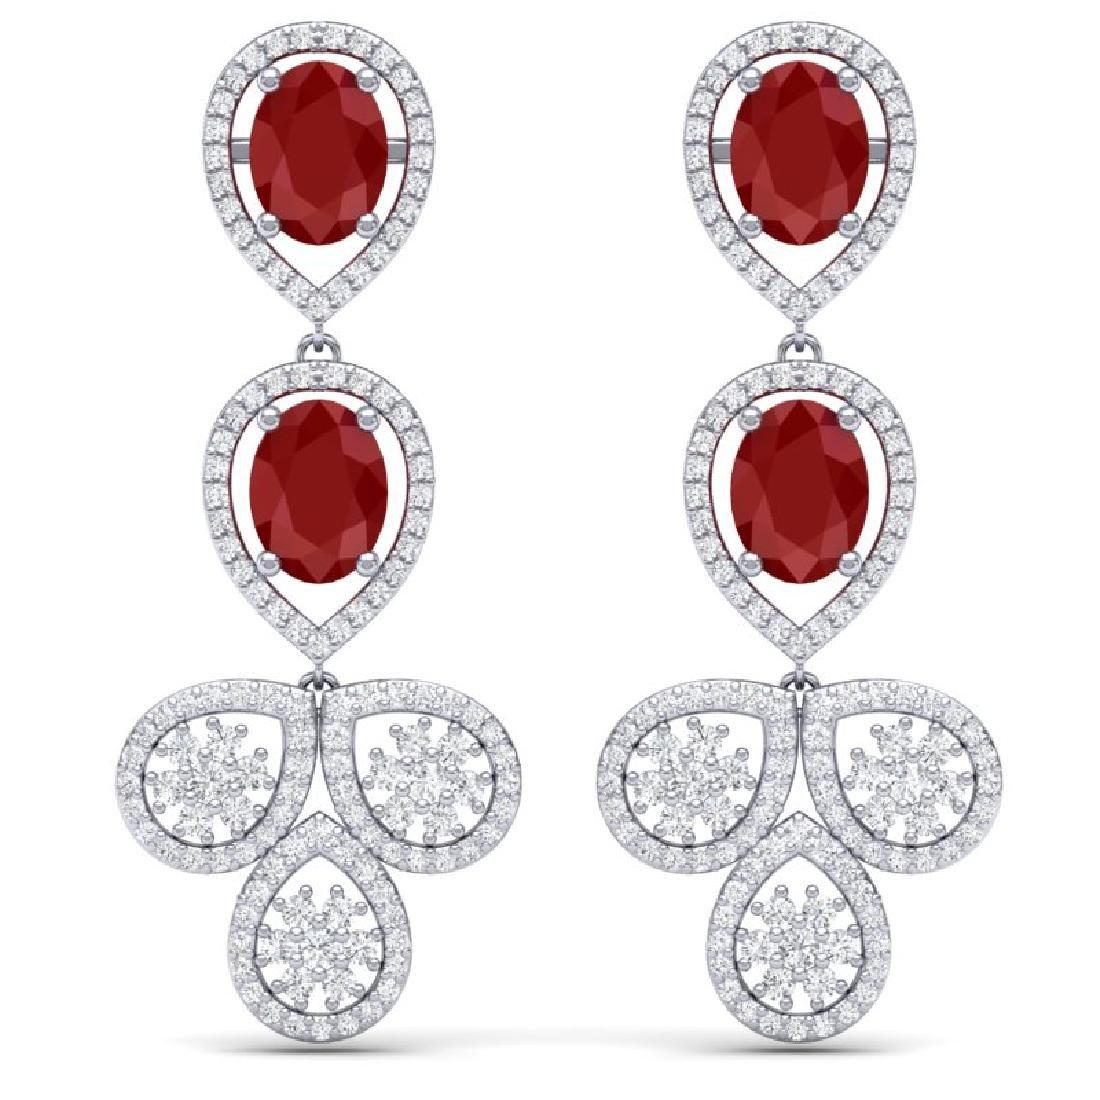 9.75 CTW Royalty Designer Ruby & VS Diamond Earrings